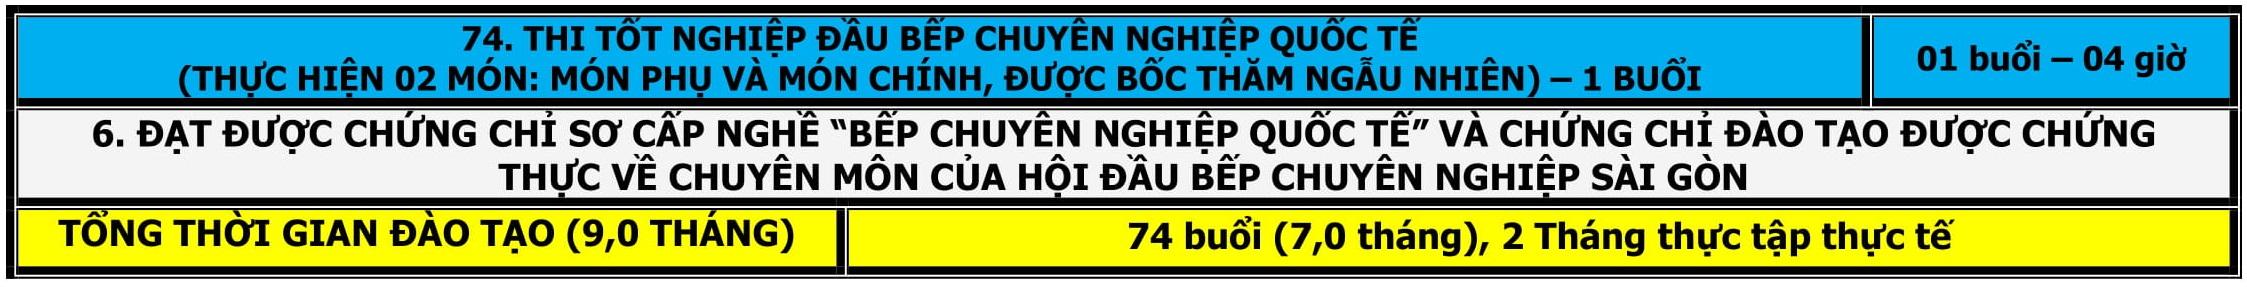 CT DAO TAO BEP QUOC TE-13